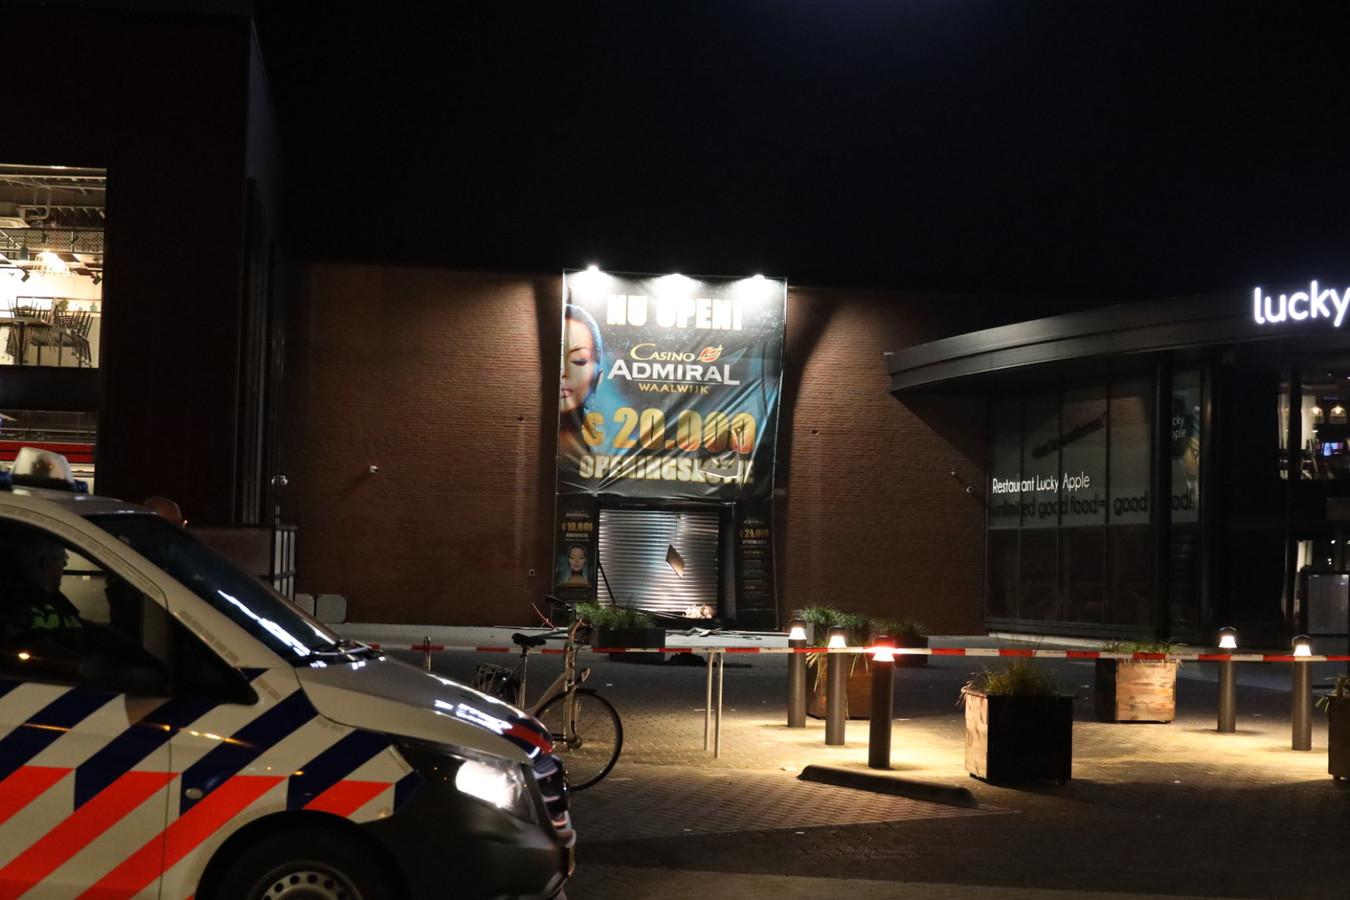 Ramkraak casino in Waalwijk.